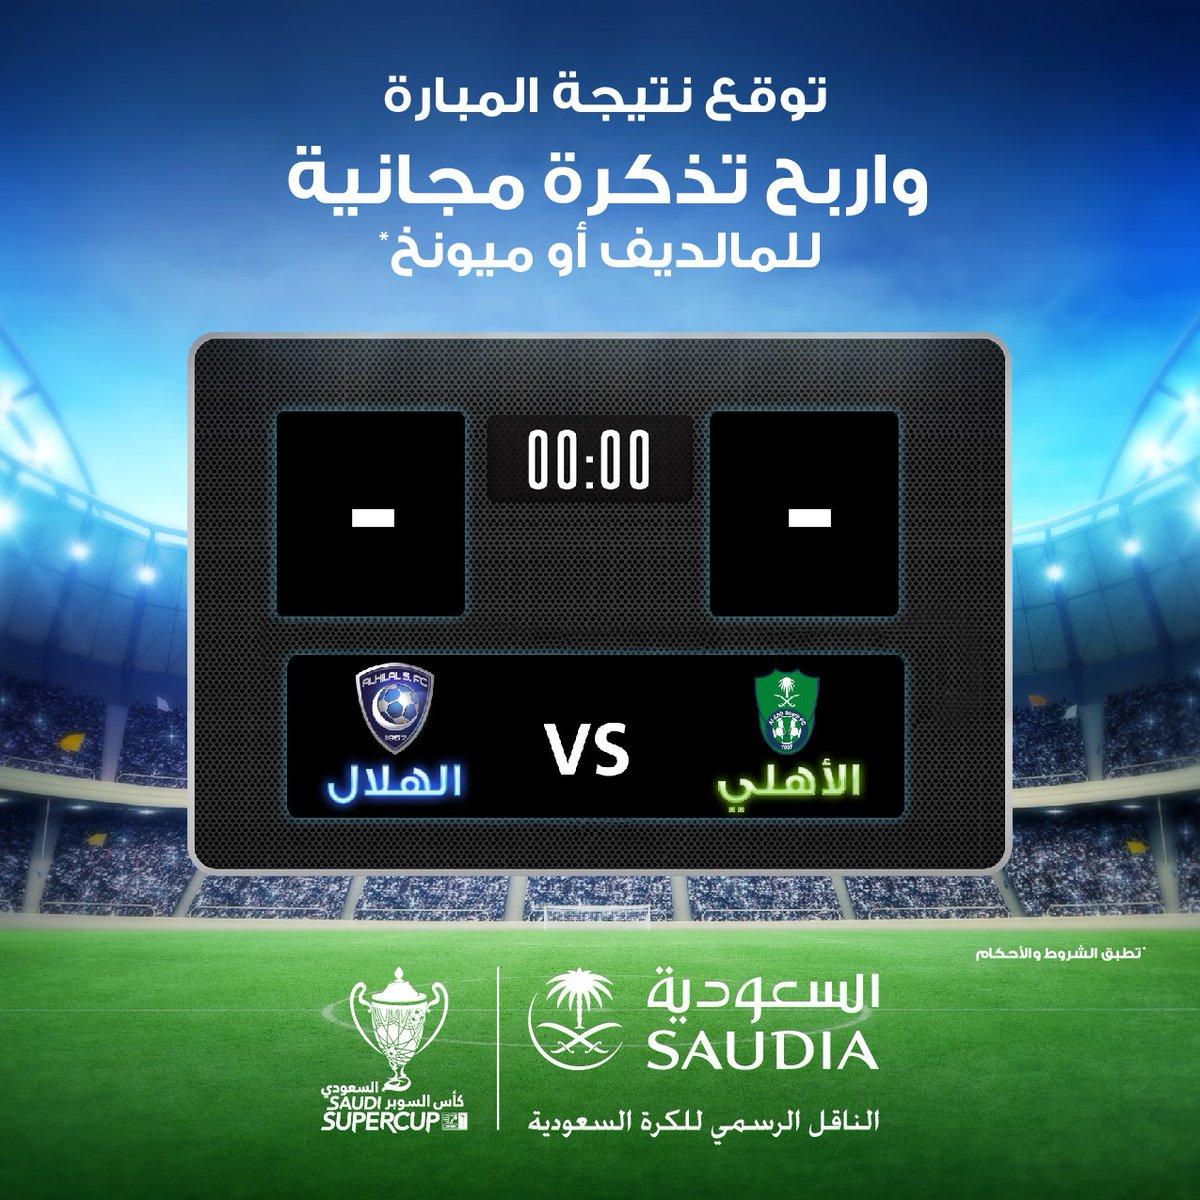 RT @Saudia_fan: توقع نتيجة مباراة كأس السوبر واربح تذكرة لـ المالديف أو ميونخ  للتفاصيل: